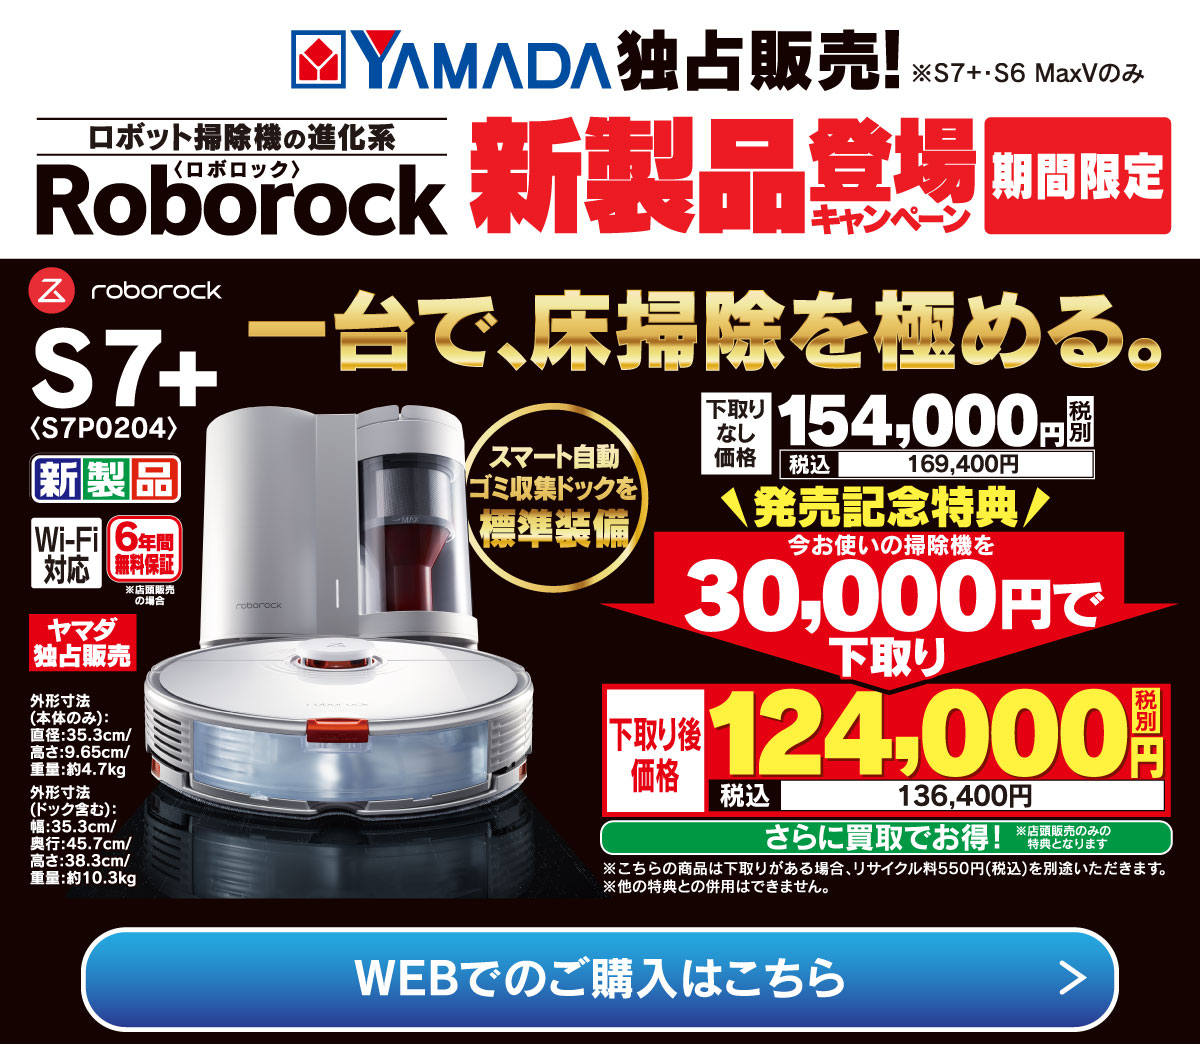 ロボット掃除機の進化系 Roborock 新製品登場